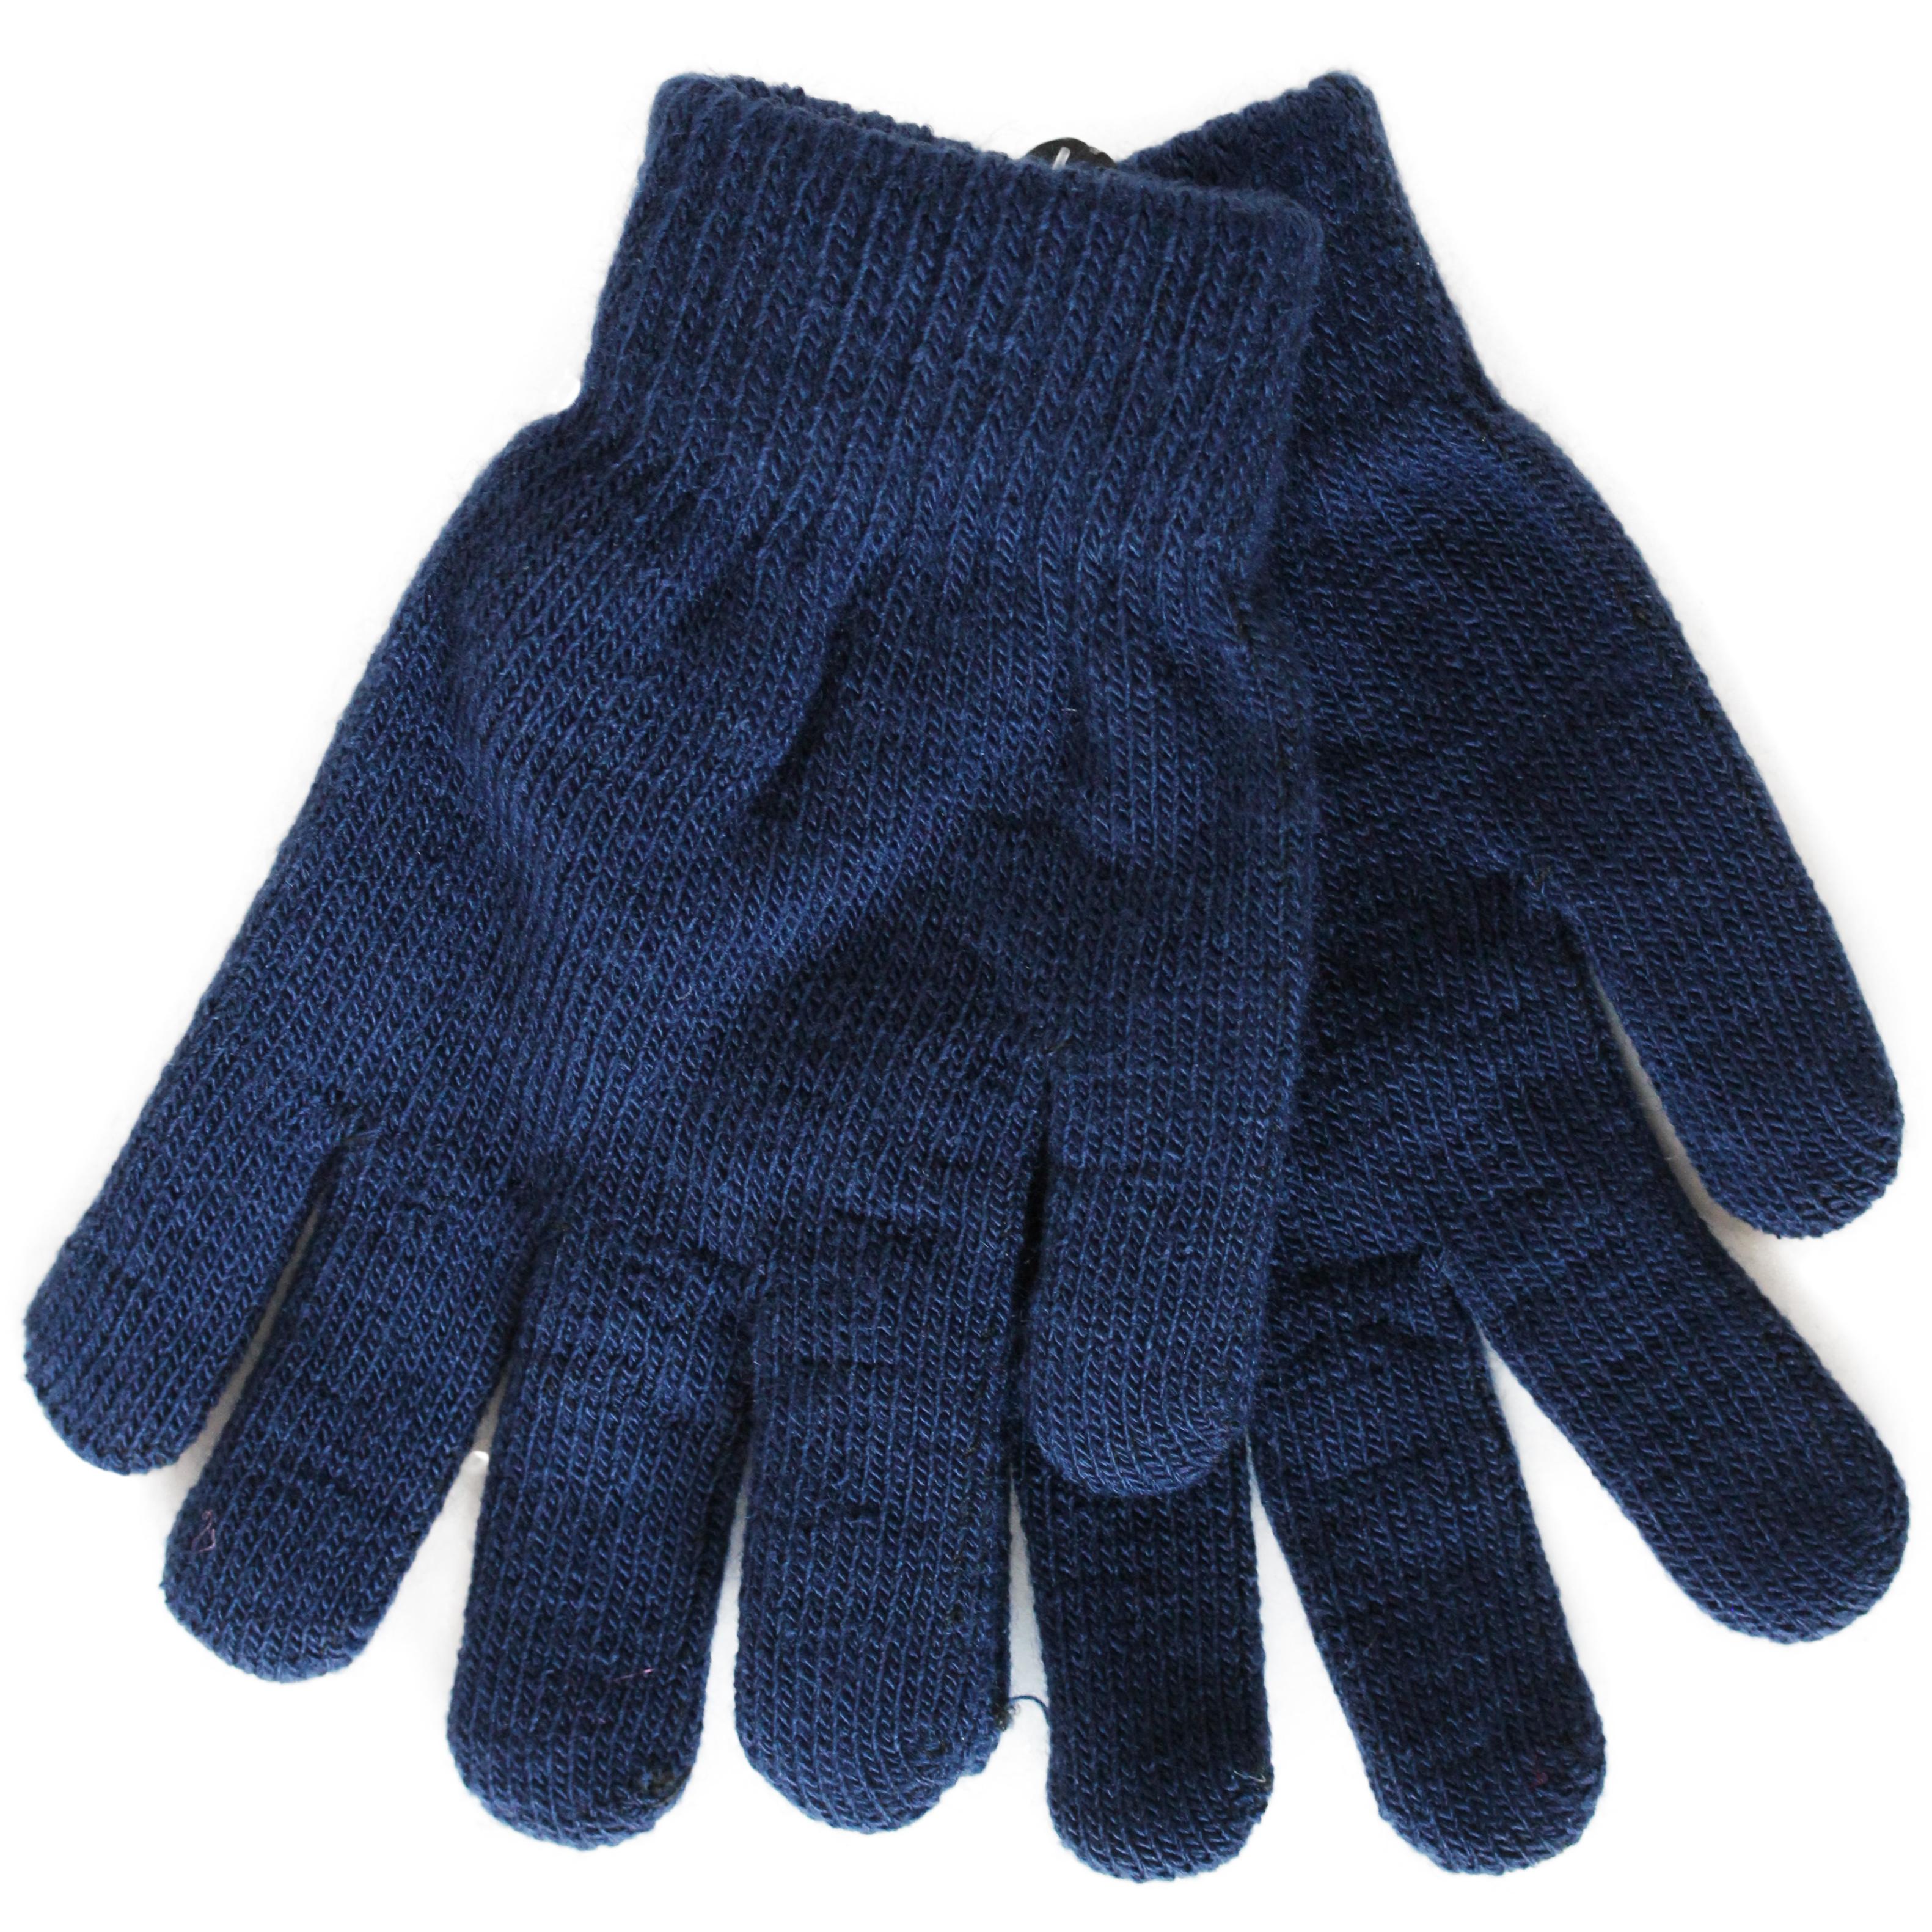 Перчатки детские Принчипесса Однослойные, темно- синие acoola брюки детские для мальчиков темно синие цвет темно синий размер 146 20110160095